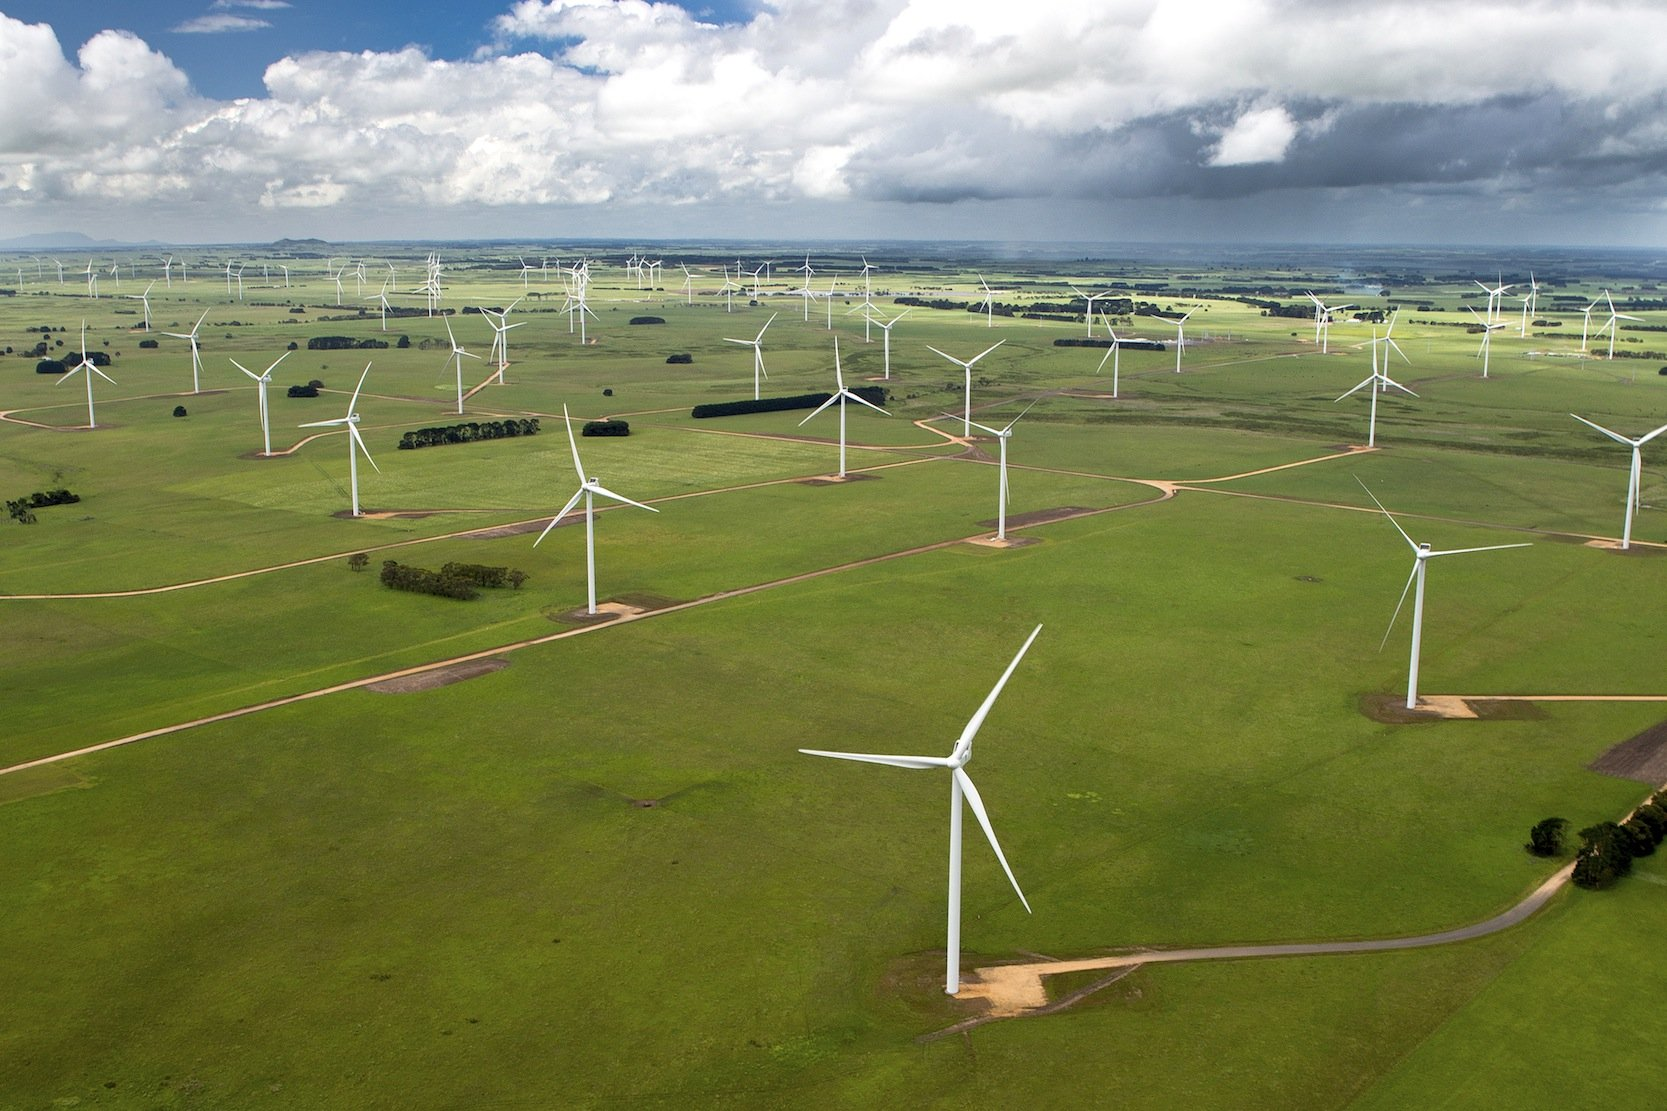 Windpark des dänischen Herstellers Vestas im australischen Macarthur. Das Unternehmen wird als Weltmarktführer gerade von Siemens abgelöst.